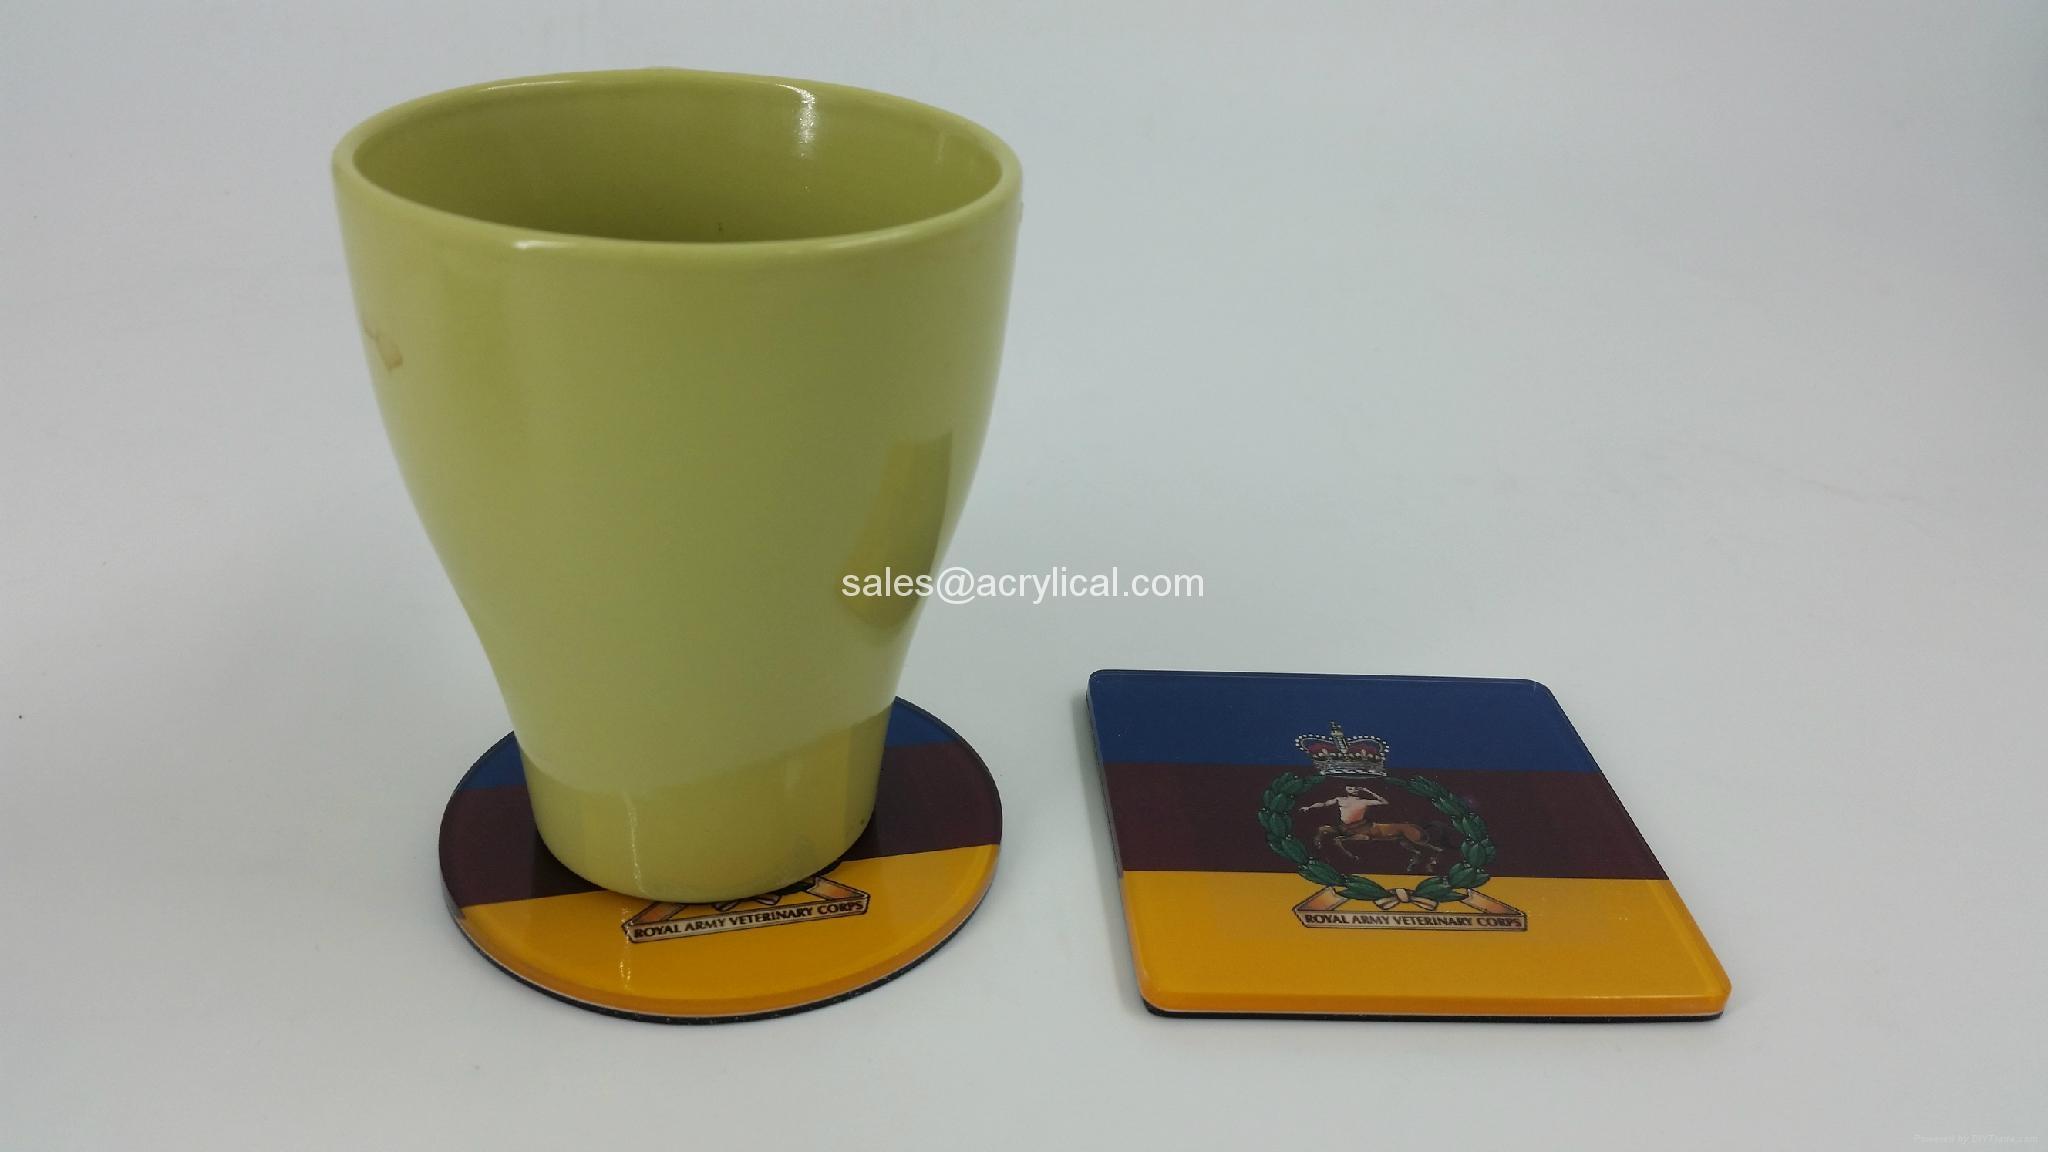 广告礼品,公司广告赠品-广告杯垫,杯垫广告促销礼品 6